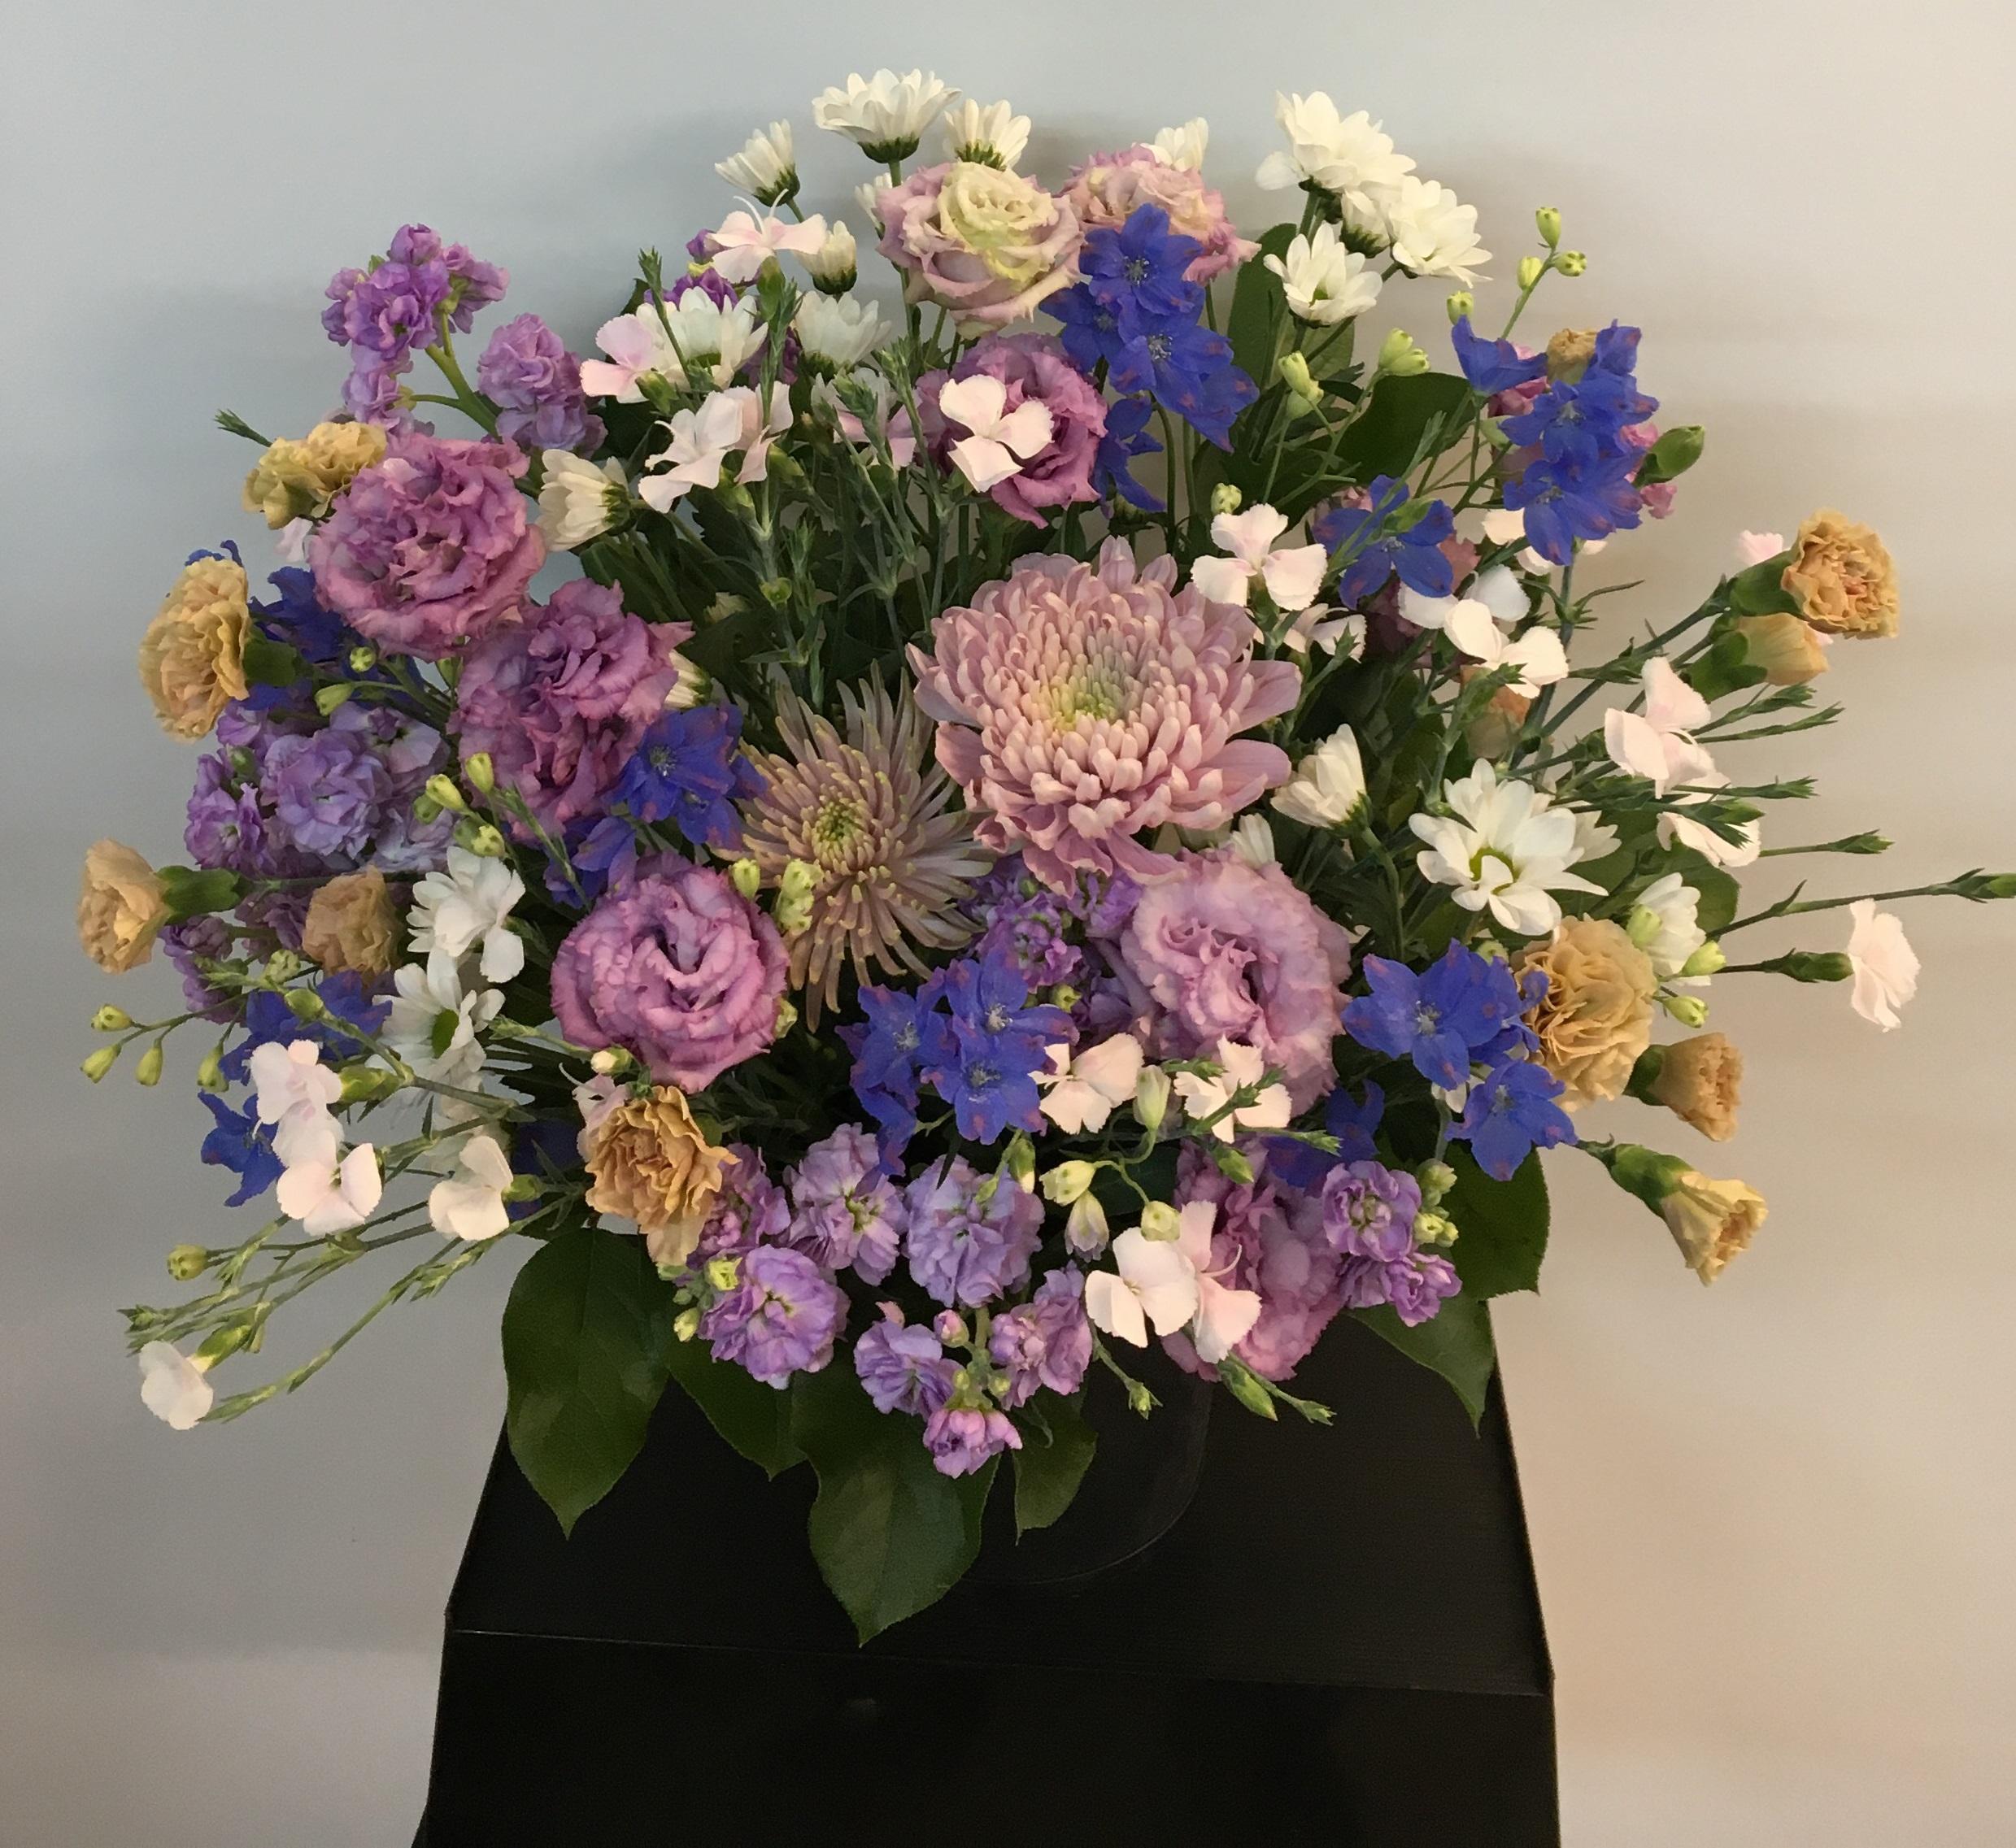 【お花納品事例14】神奈川県横浜市関内の法人企業様に花束を納品しました!